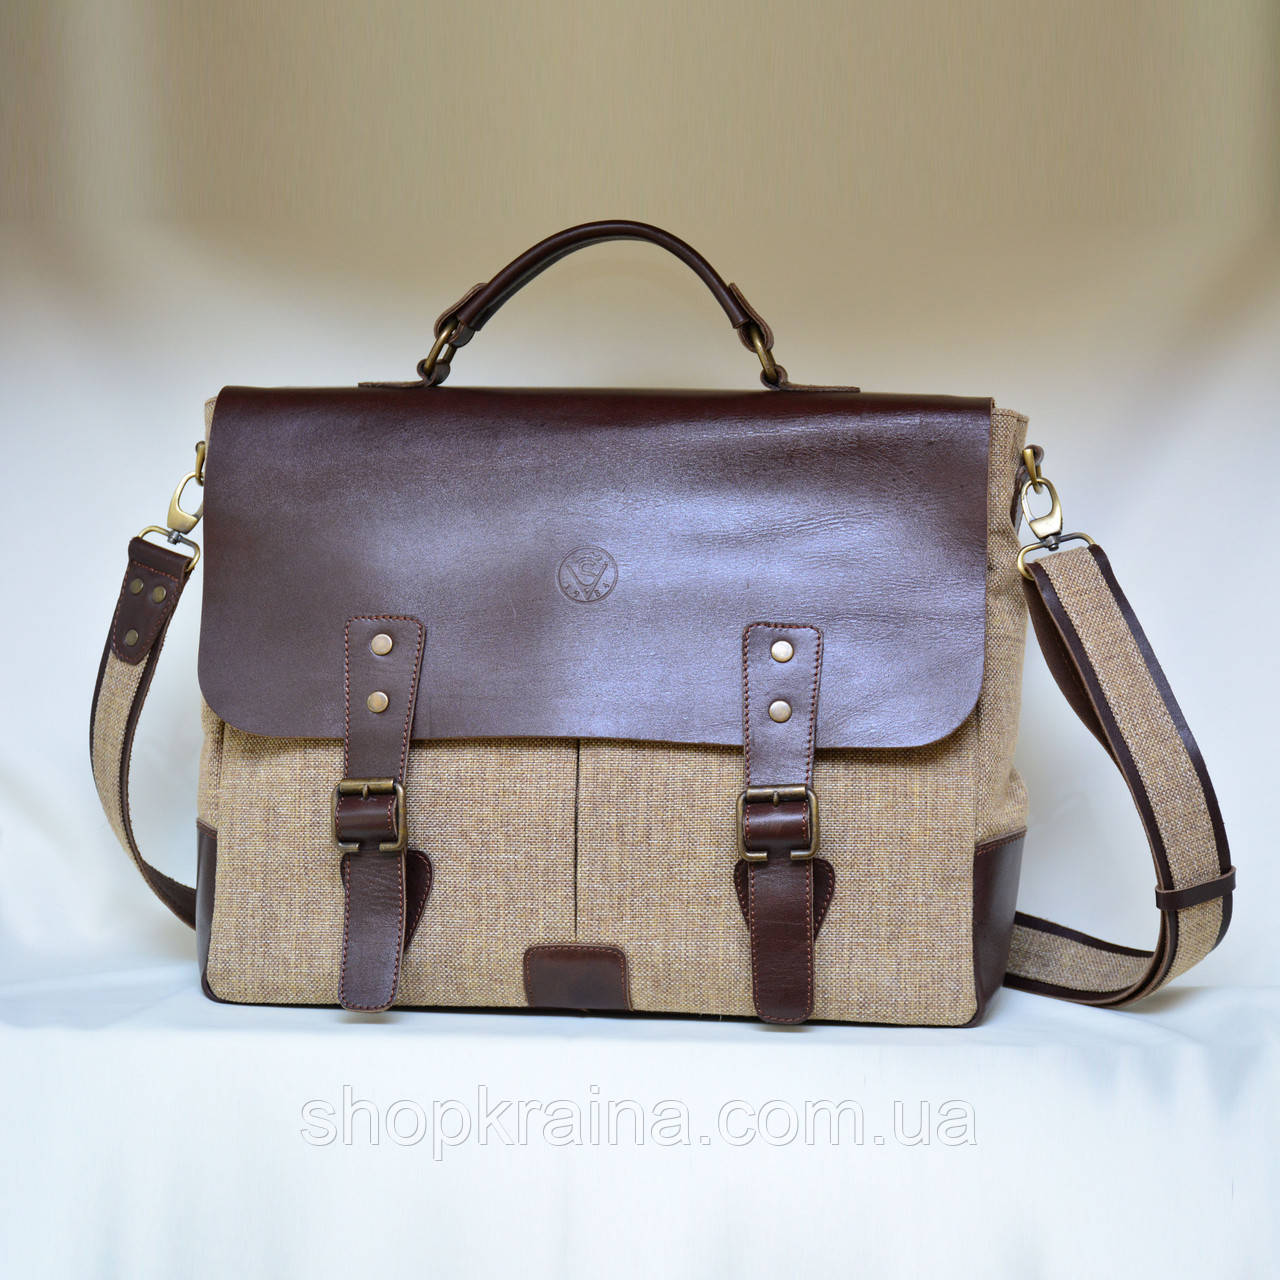 Кожаная сумка VS113 brown canvas 40х32х12 см